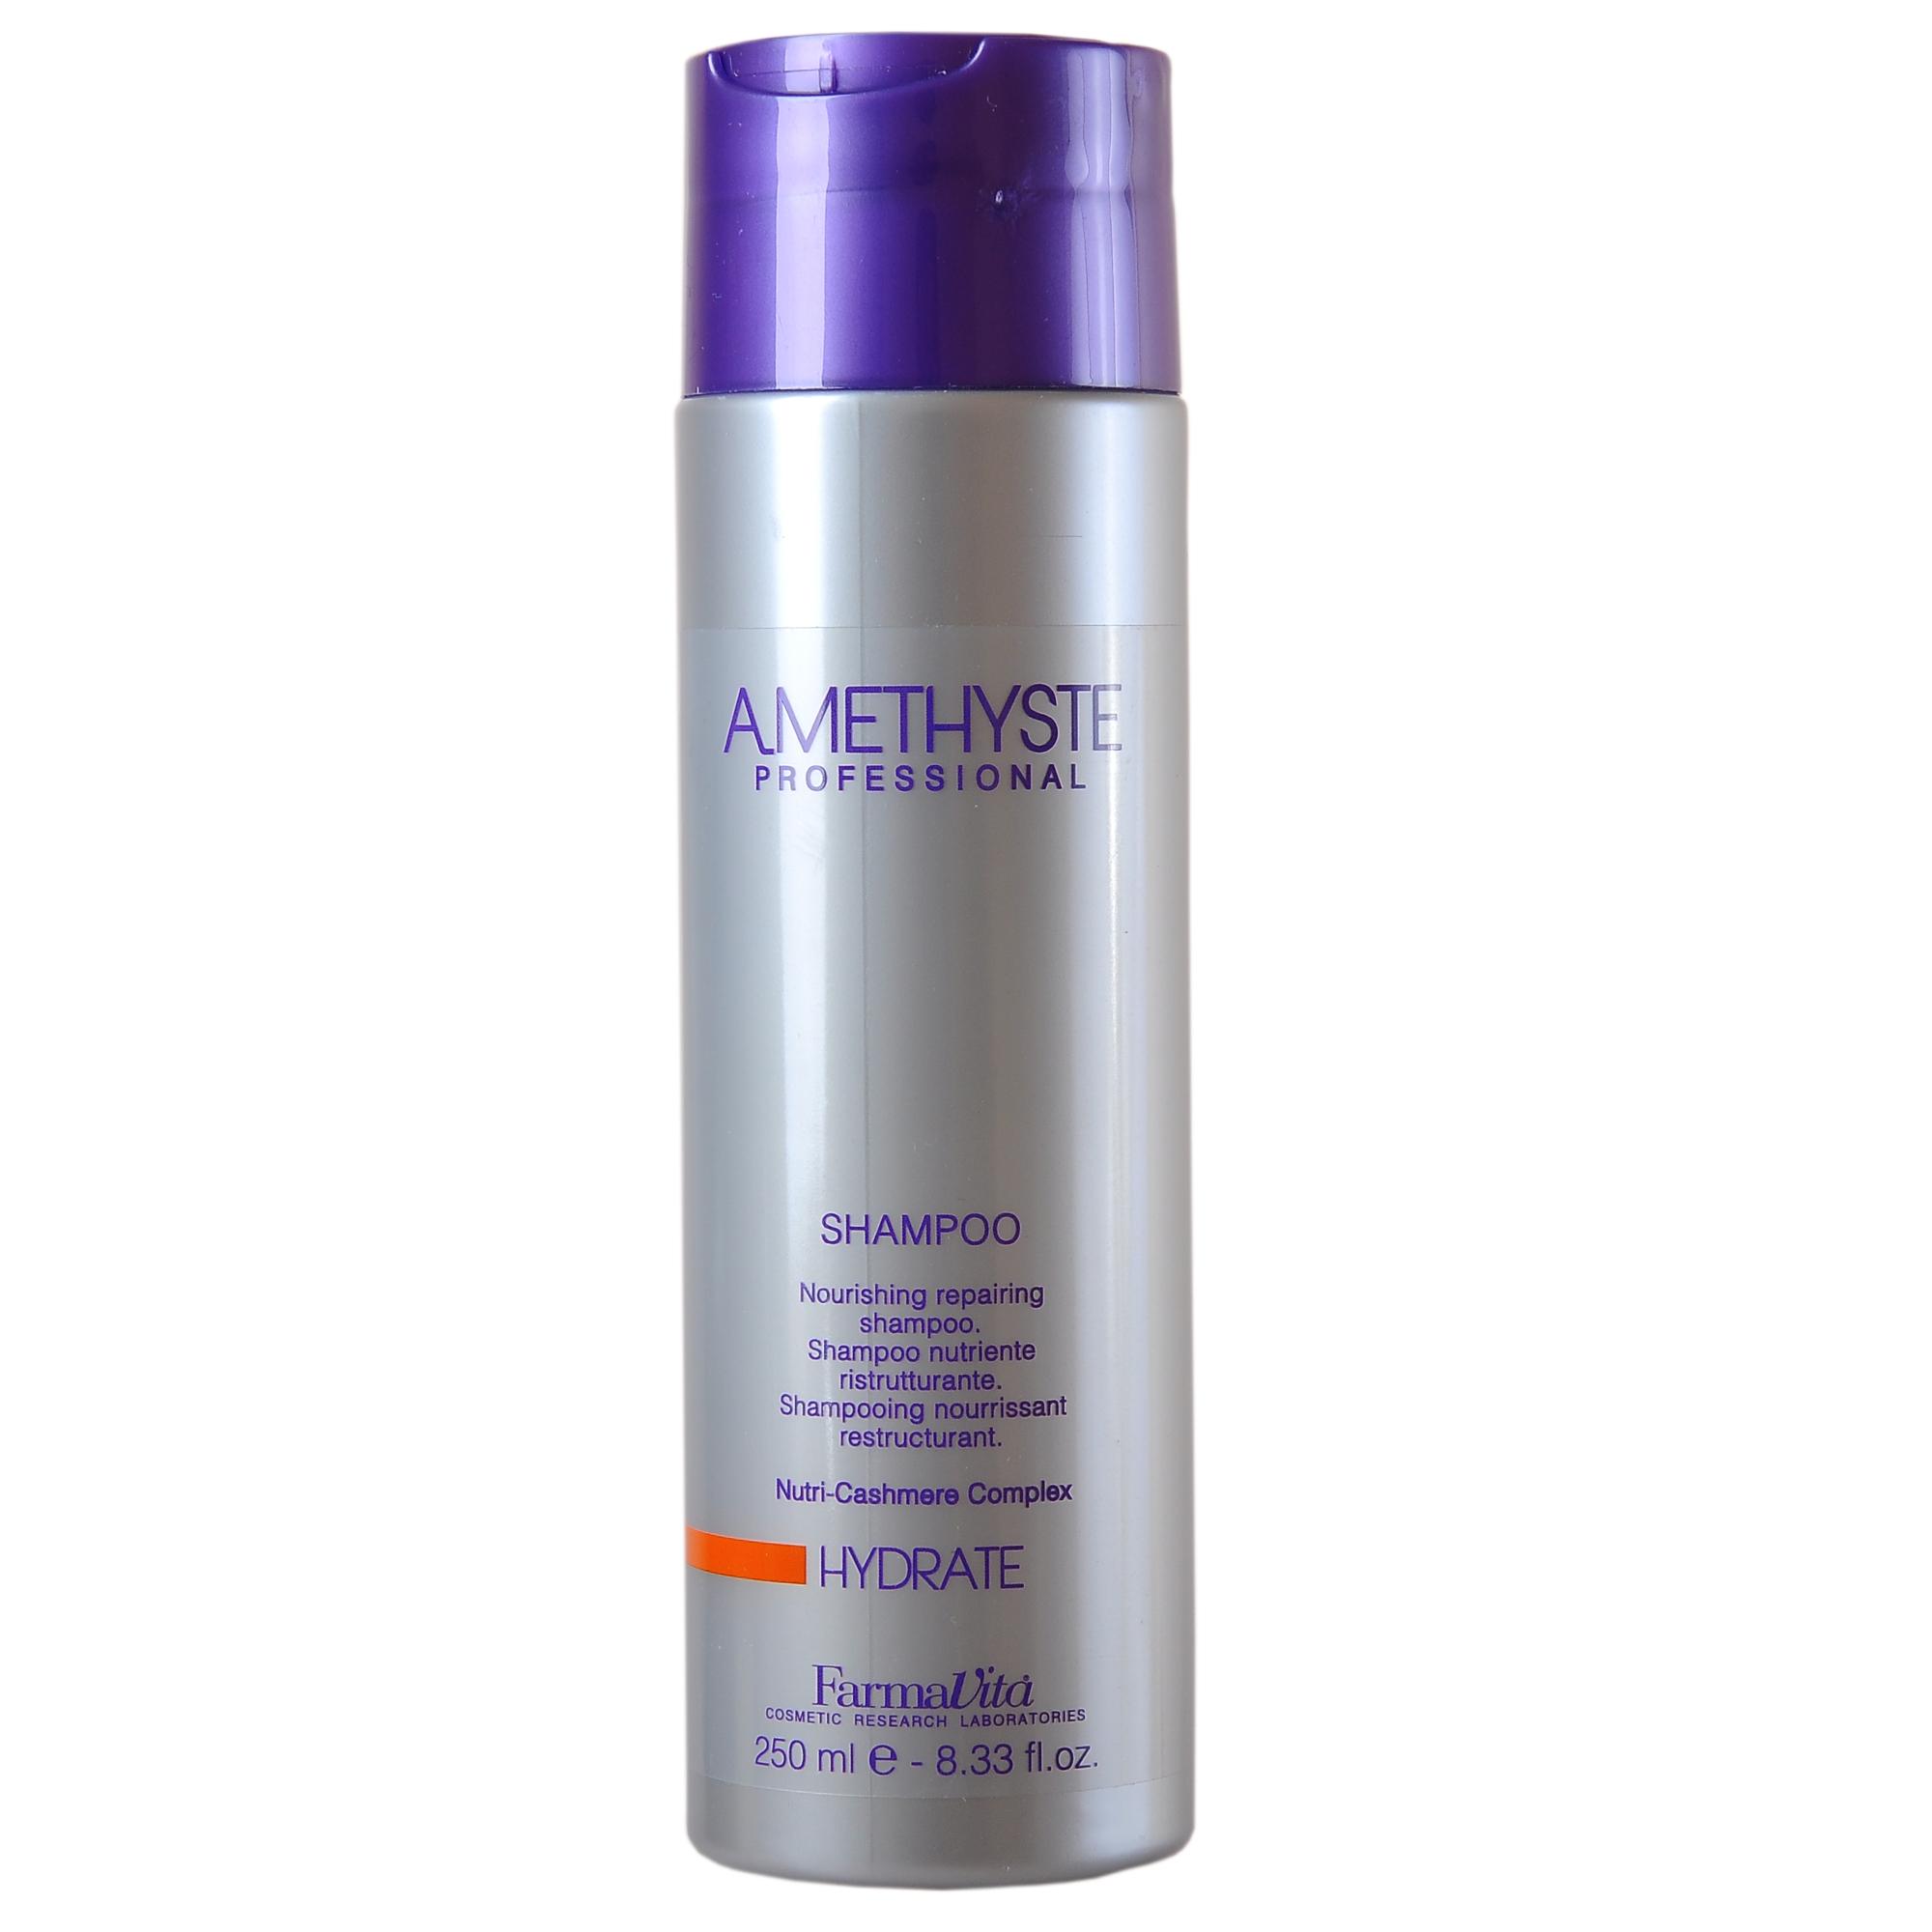 FARMAVITA Шампунь увлажняющий для сухих и ослабленных волос / Amethyste hydrate shampoo 250мл недорого